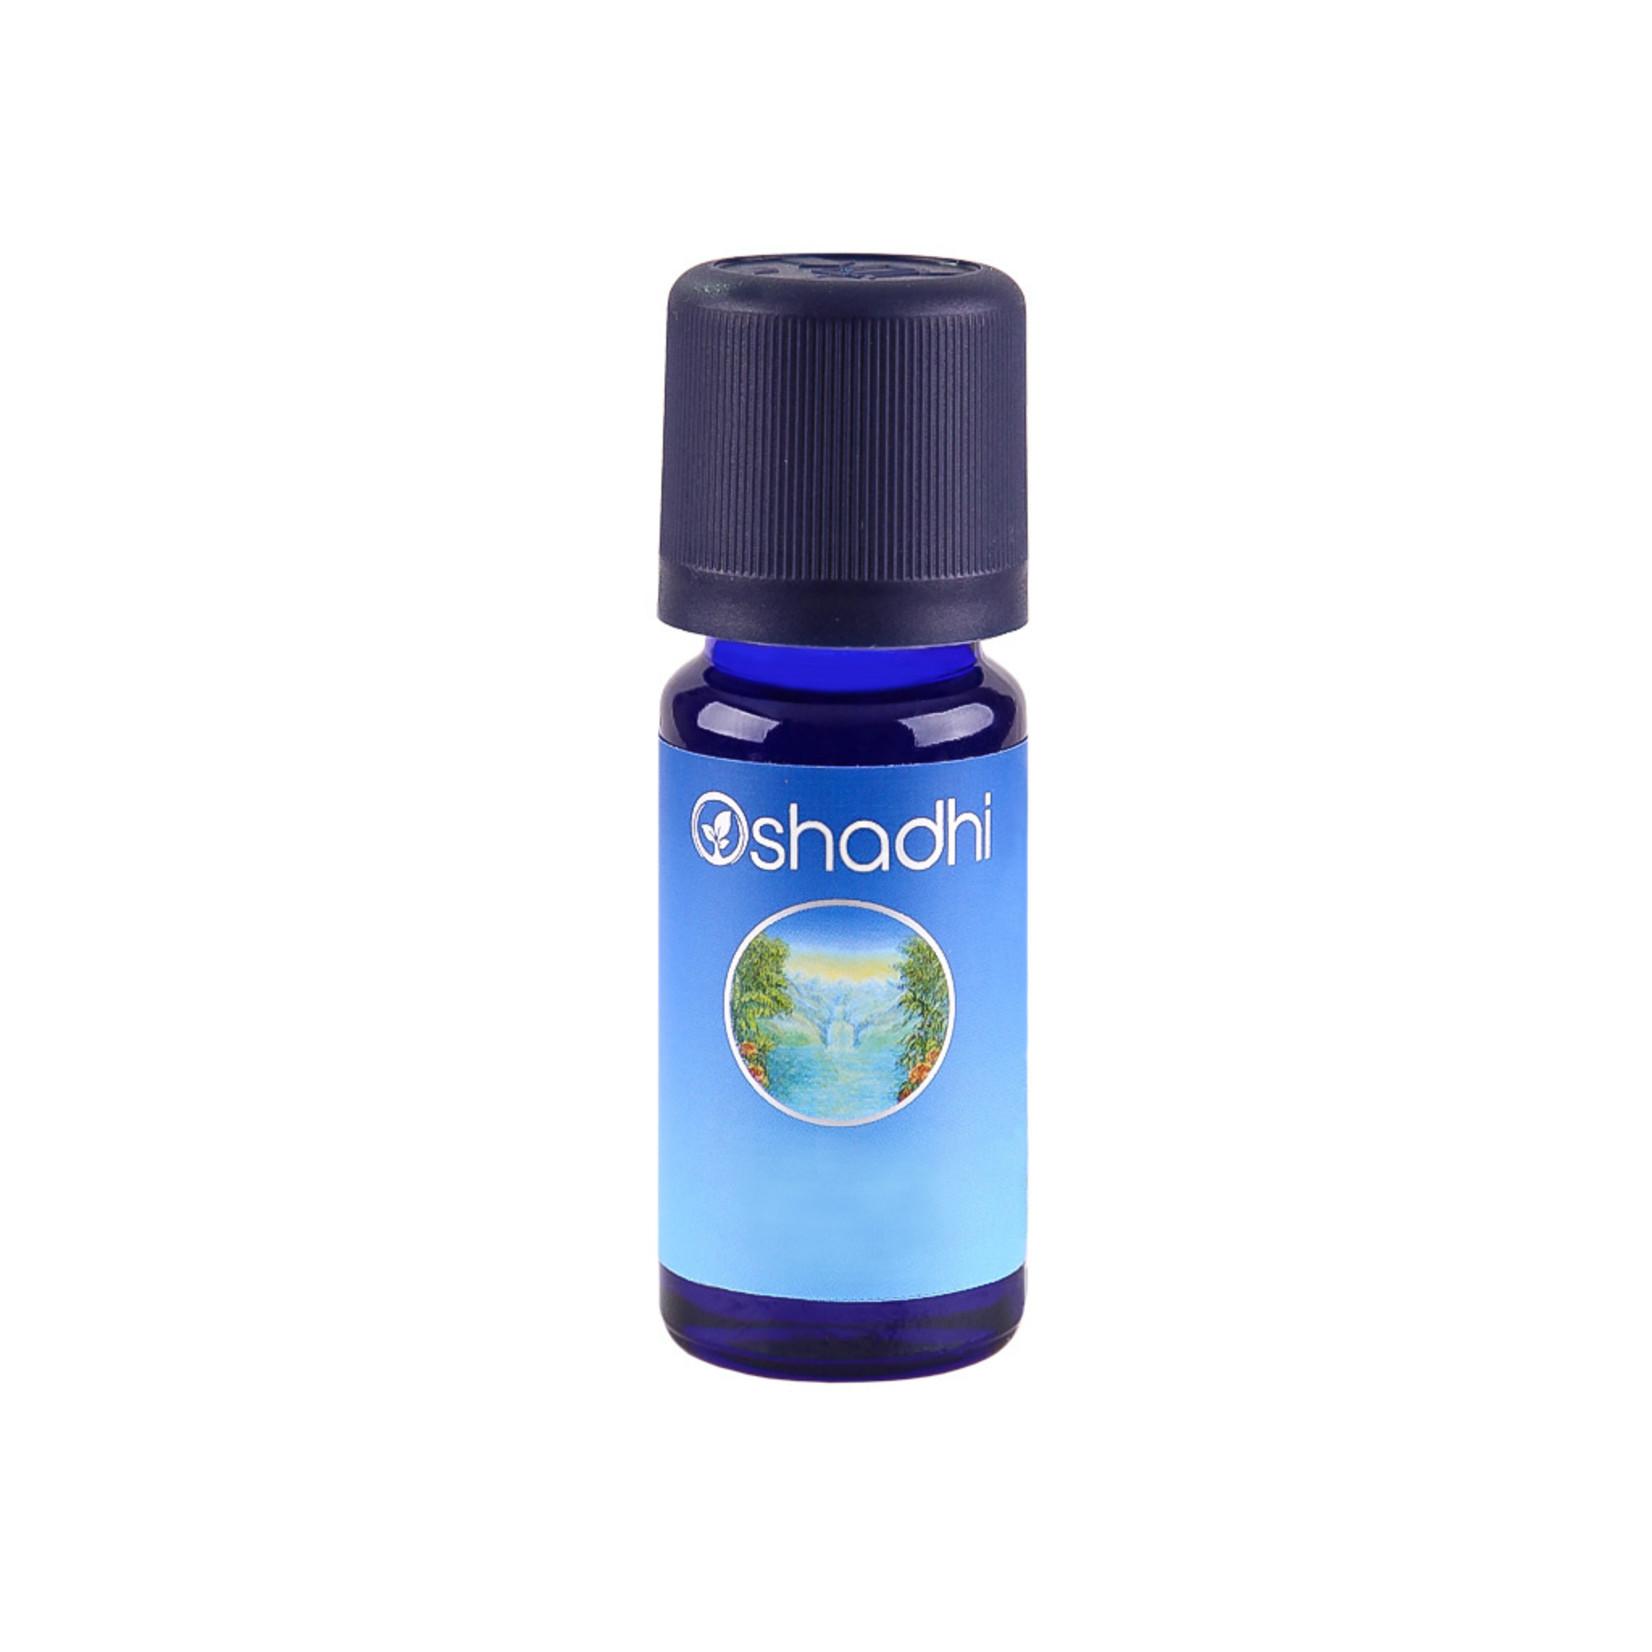 Oshadhi Palo Santo essentiële olie - zuiverend en verlicht spanningen - Oshadhi - 5ml